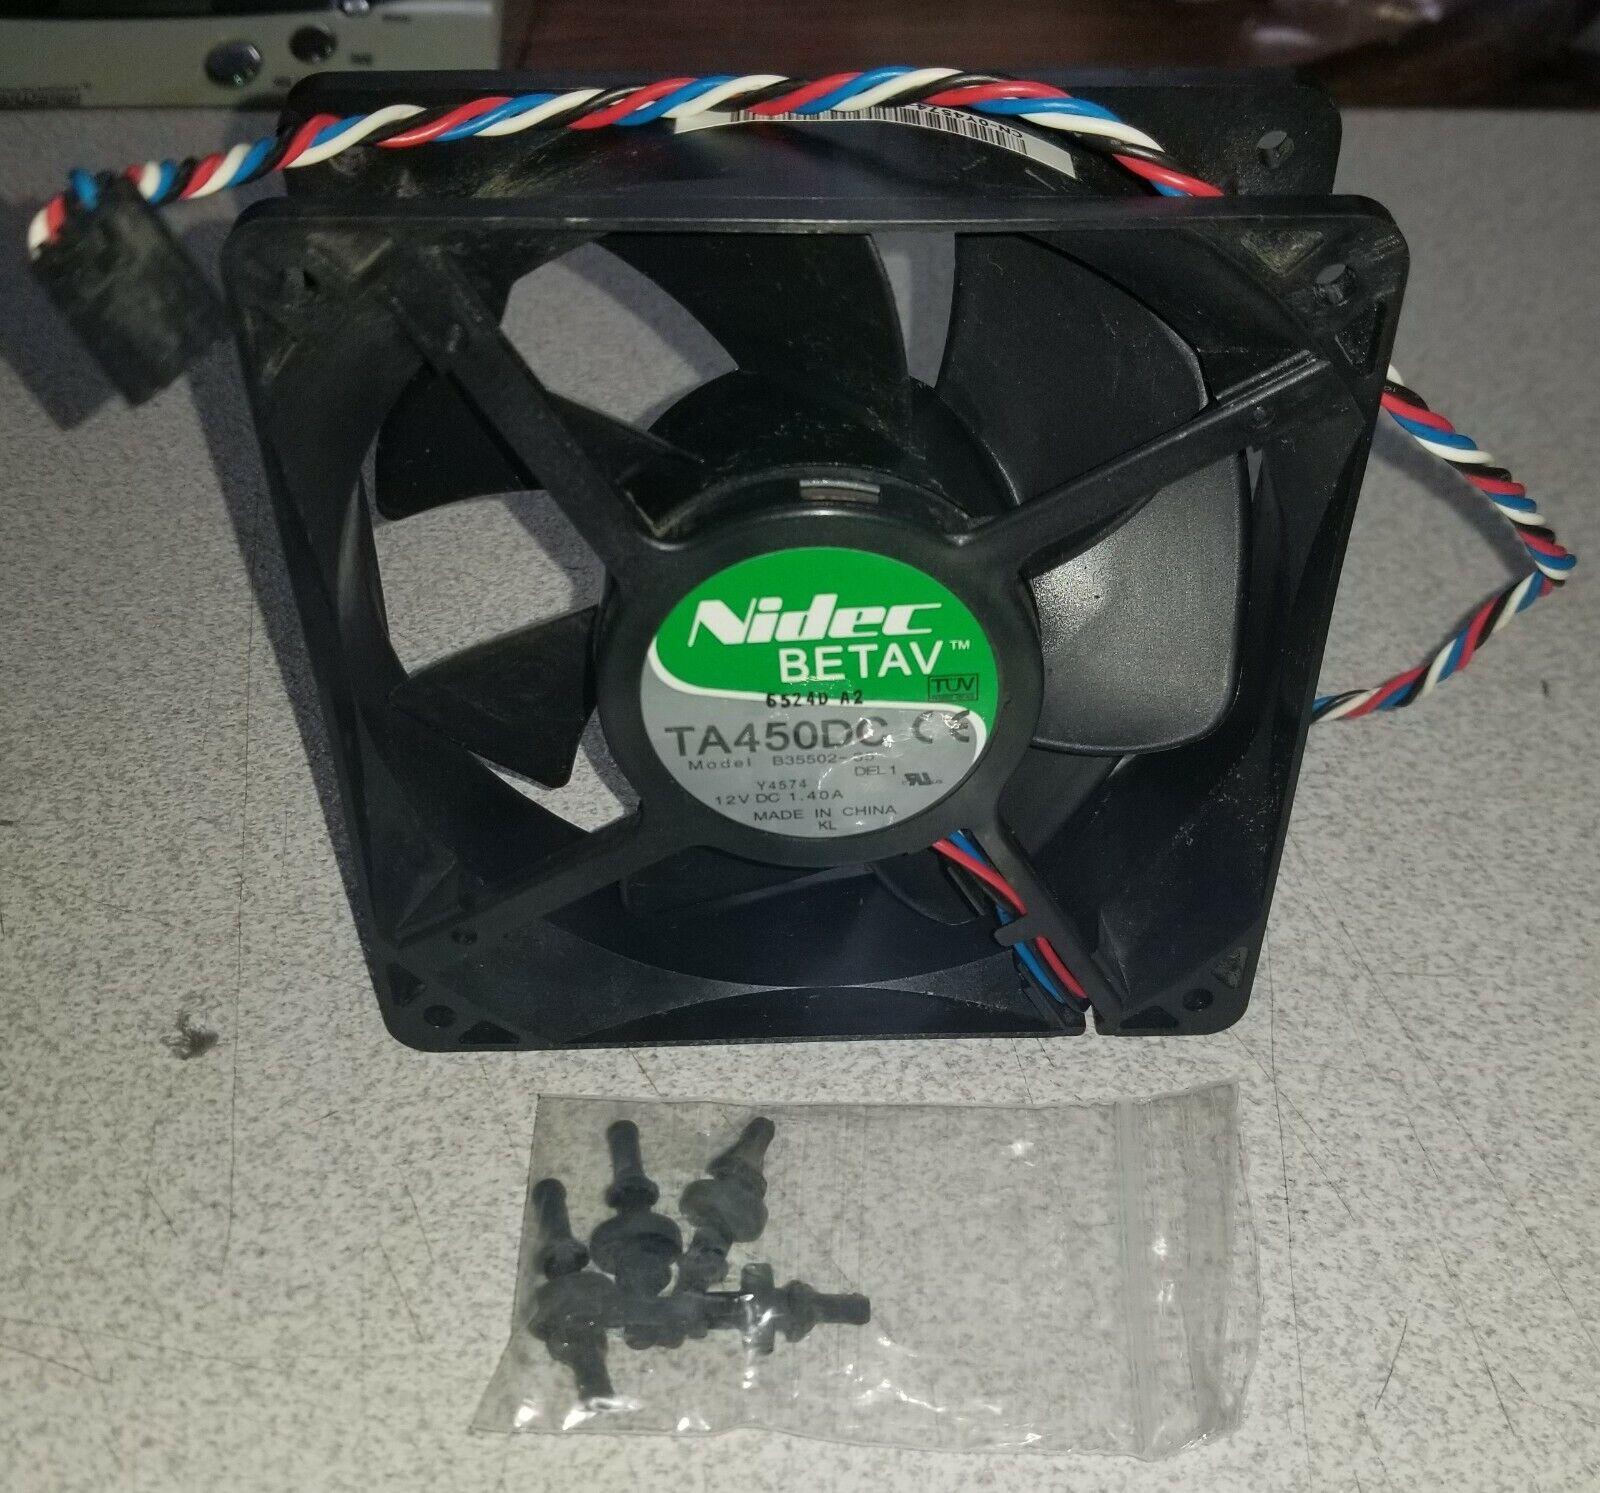 Nidec Betav 120x120x38mm Fan 4-wire 5-pin B35502-35 12v DC 0Y4574 DELL